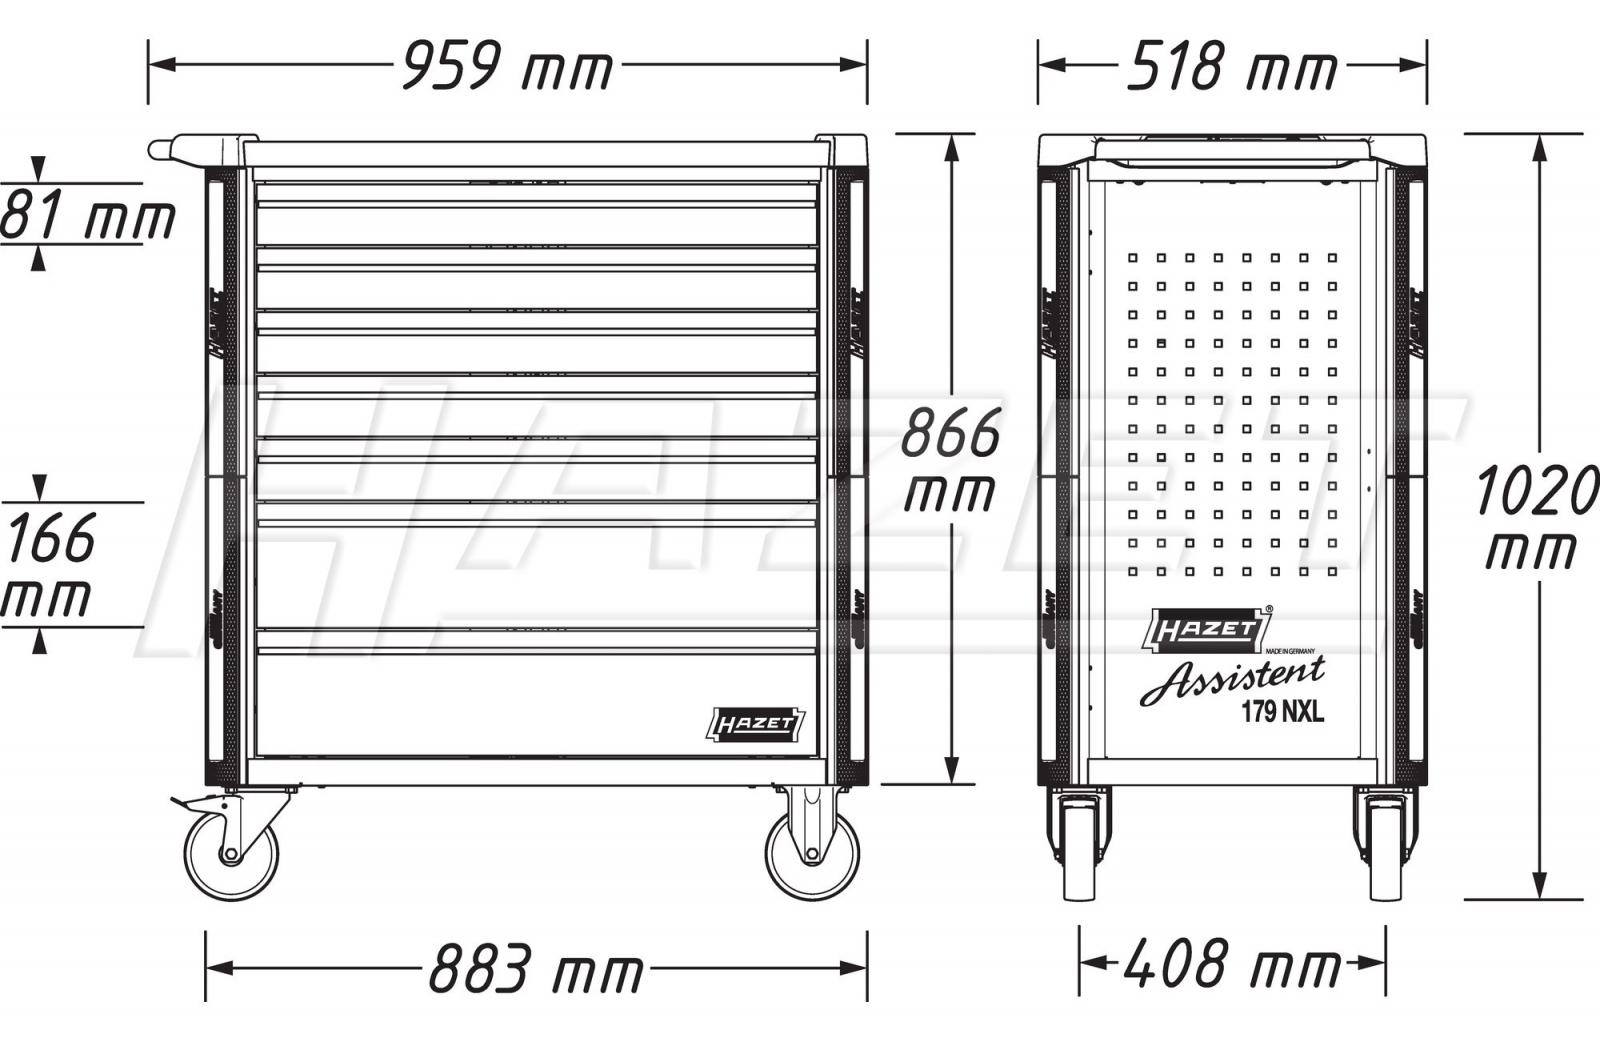 Tủ đồ nghề 7 ngăn 243 chi tiết Hazet 179NXL-8-VW/243 Volkswagen